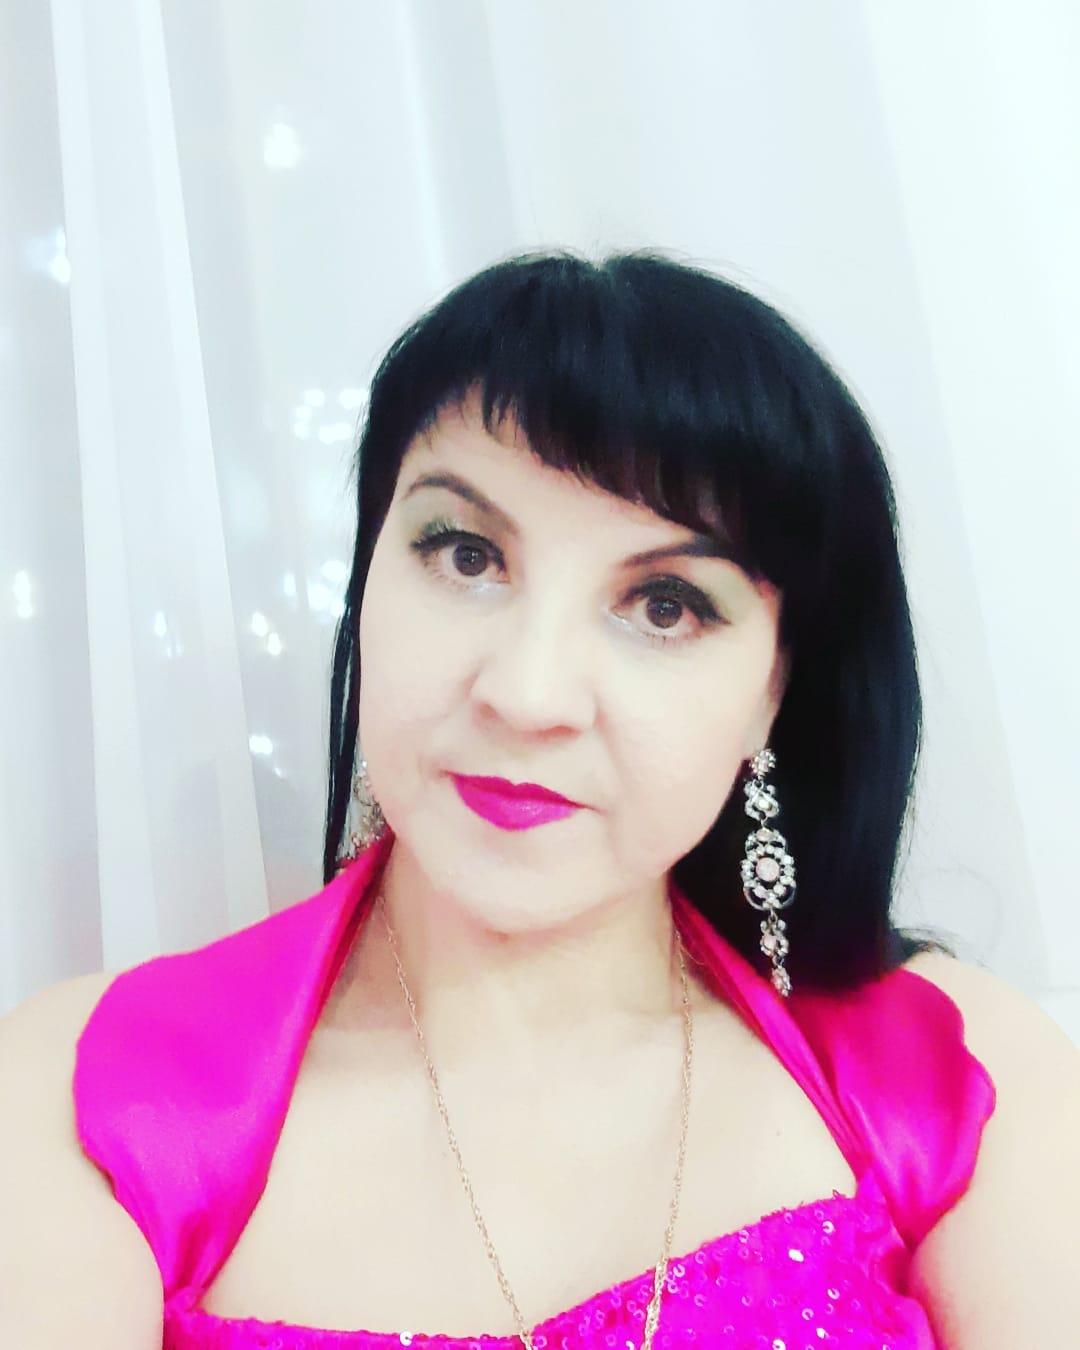 Гульфина Хамитова: биография, семья, творчество